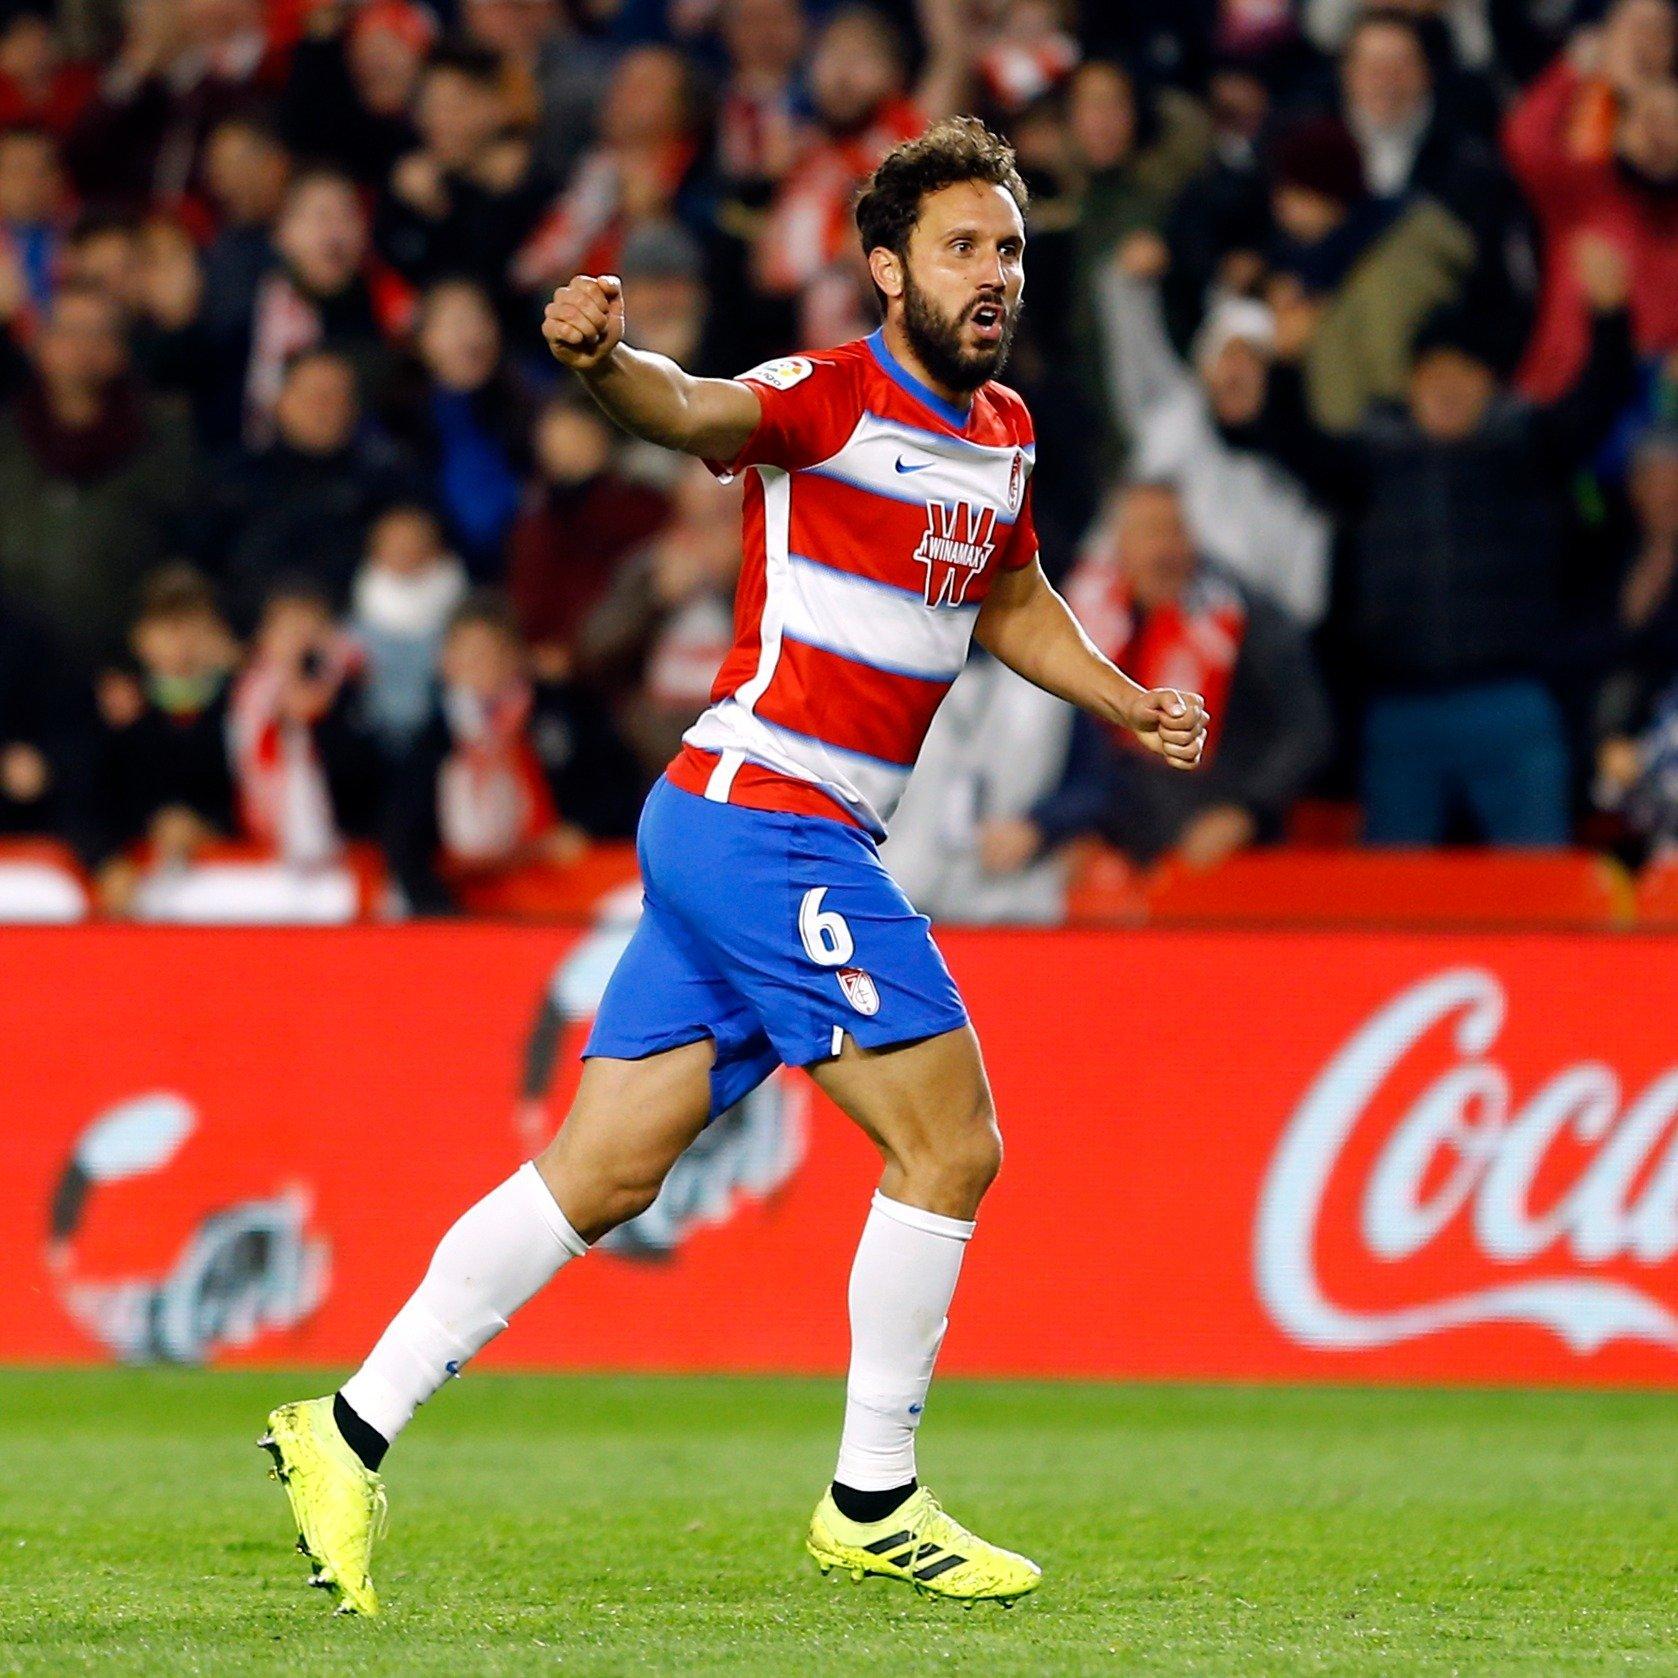 Germán Sánchez Gol Granada - Atlético